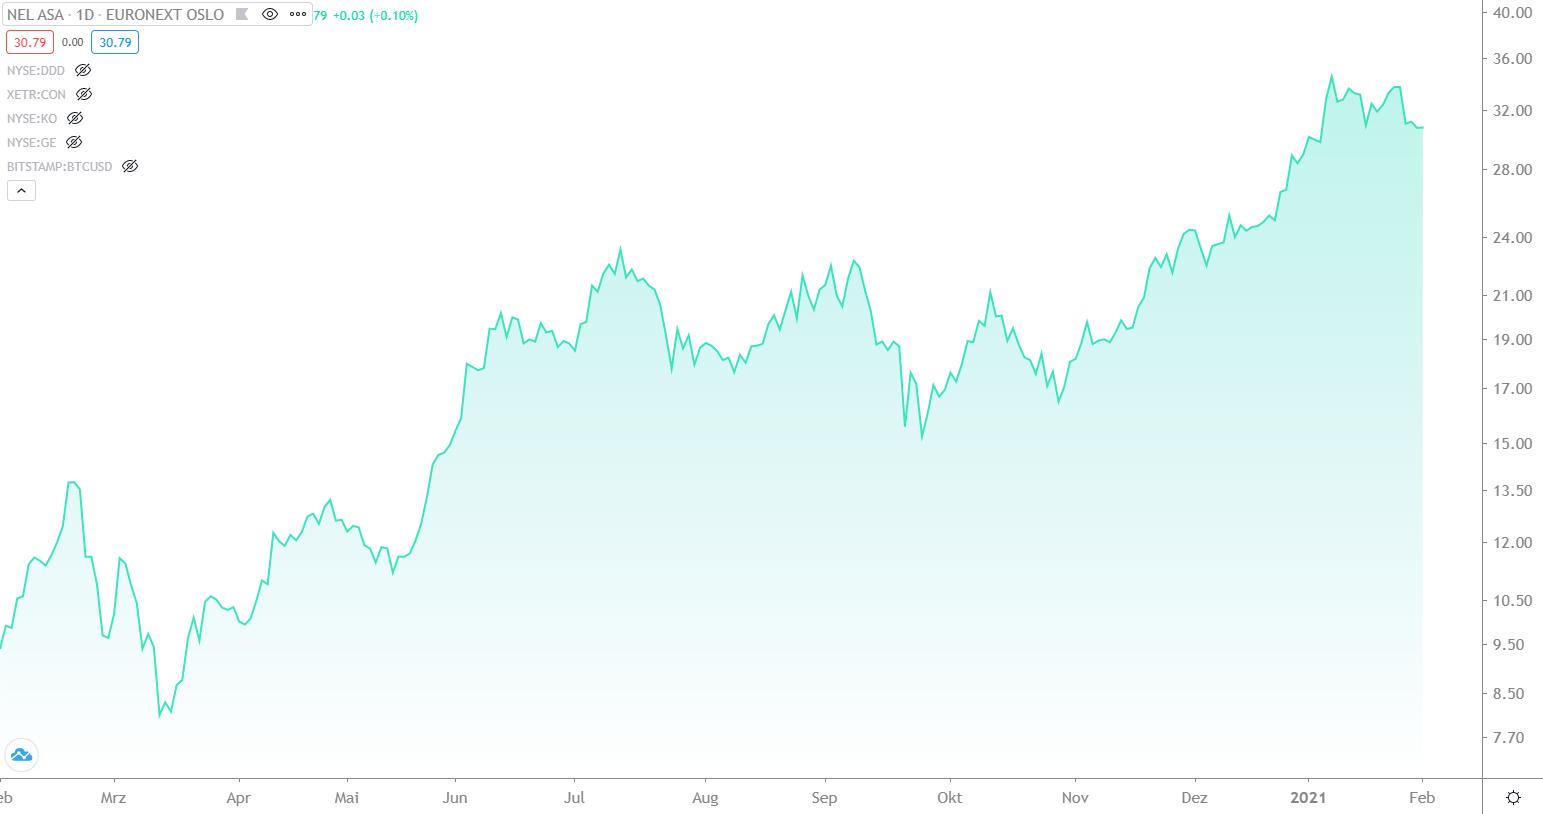 wasserstoff-aktien-brennstoff-aktien-chart-entwicklung-nel-asa-aktie-von-februar-2020-bis-februar-2021-finment